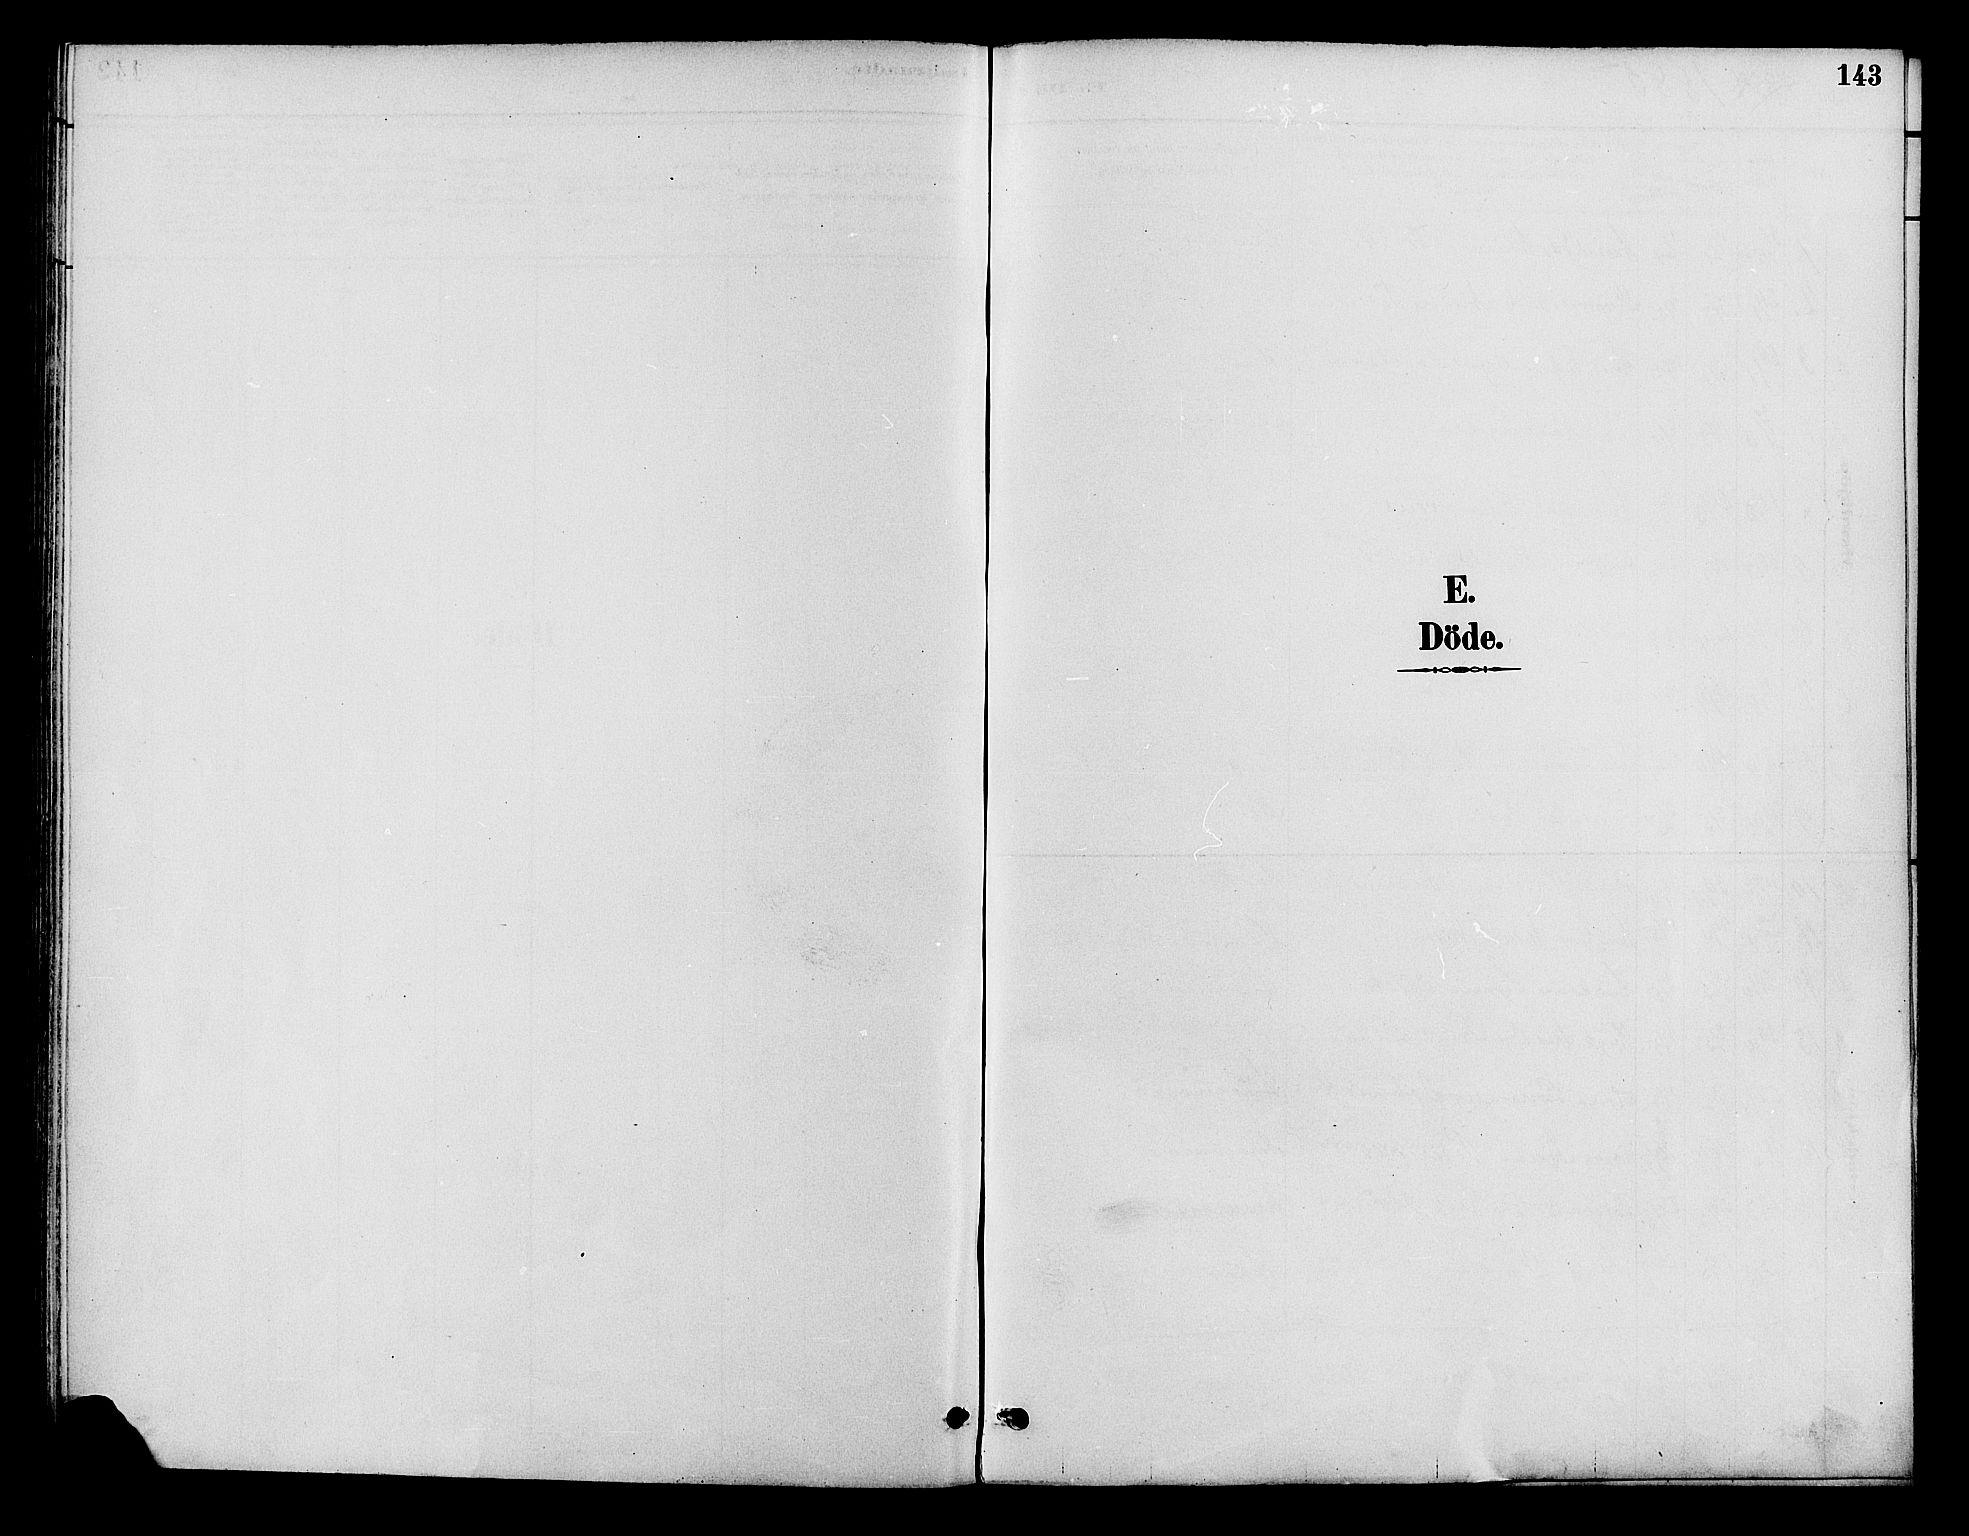 SAH, Lom prestekontor, K/L0008: Ministerialbok nr. 8, 1885-1898, s. 143